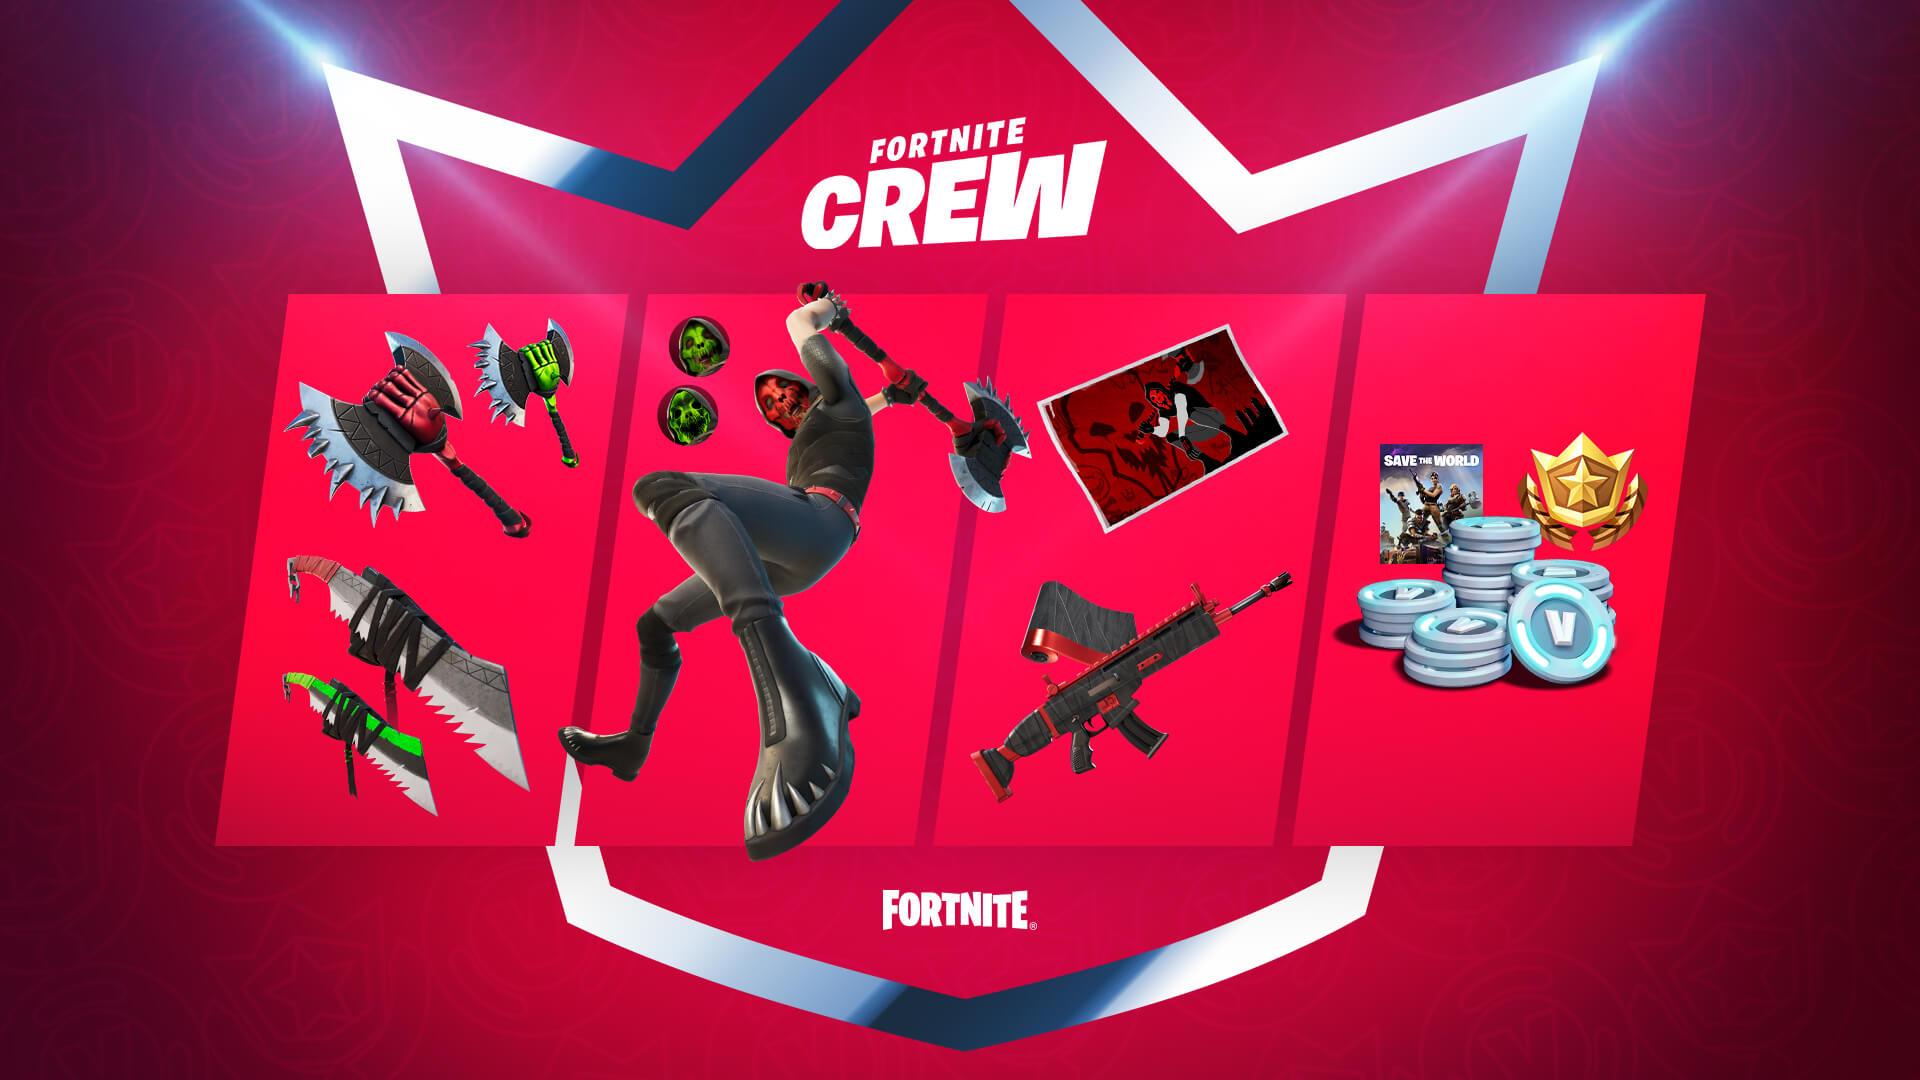 Deimos Fortnite Crew pack